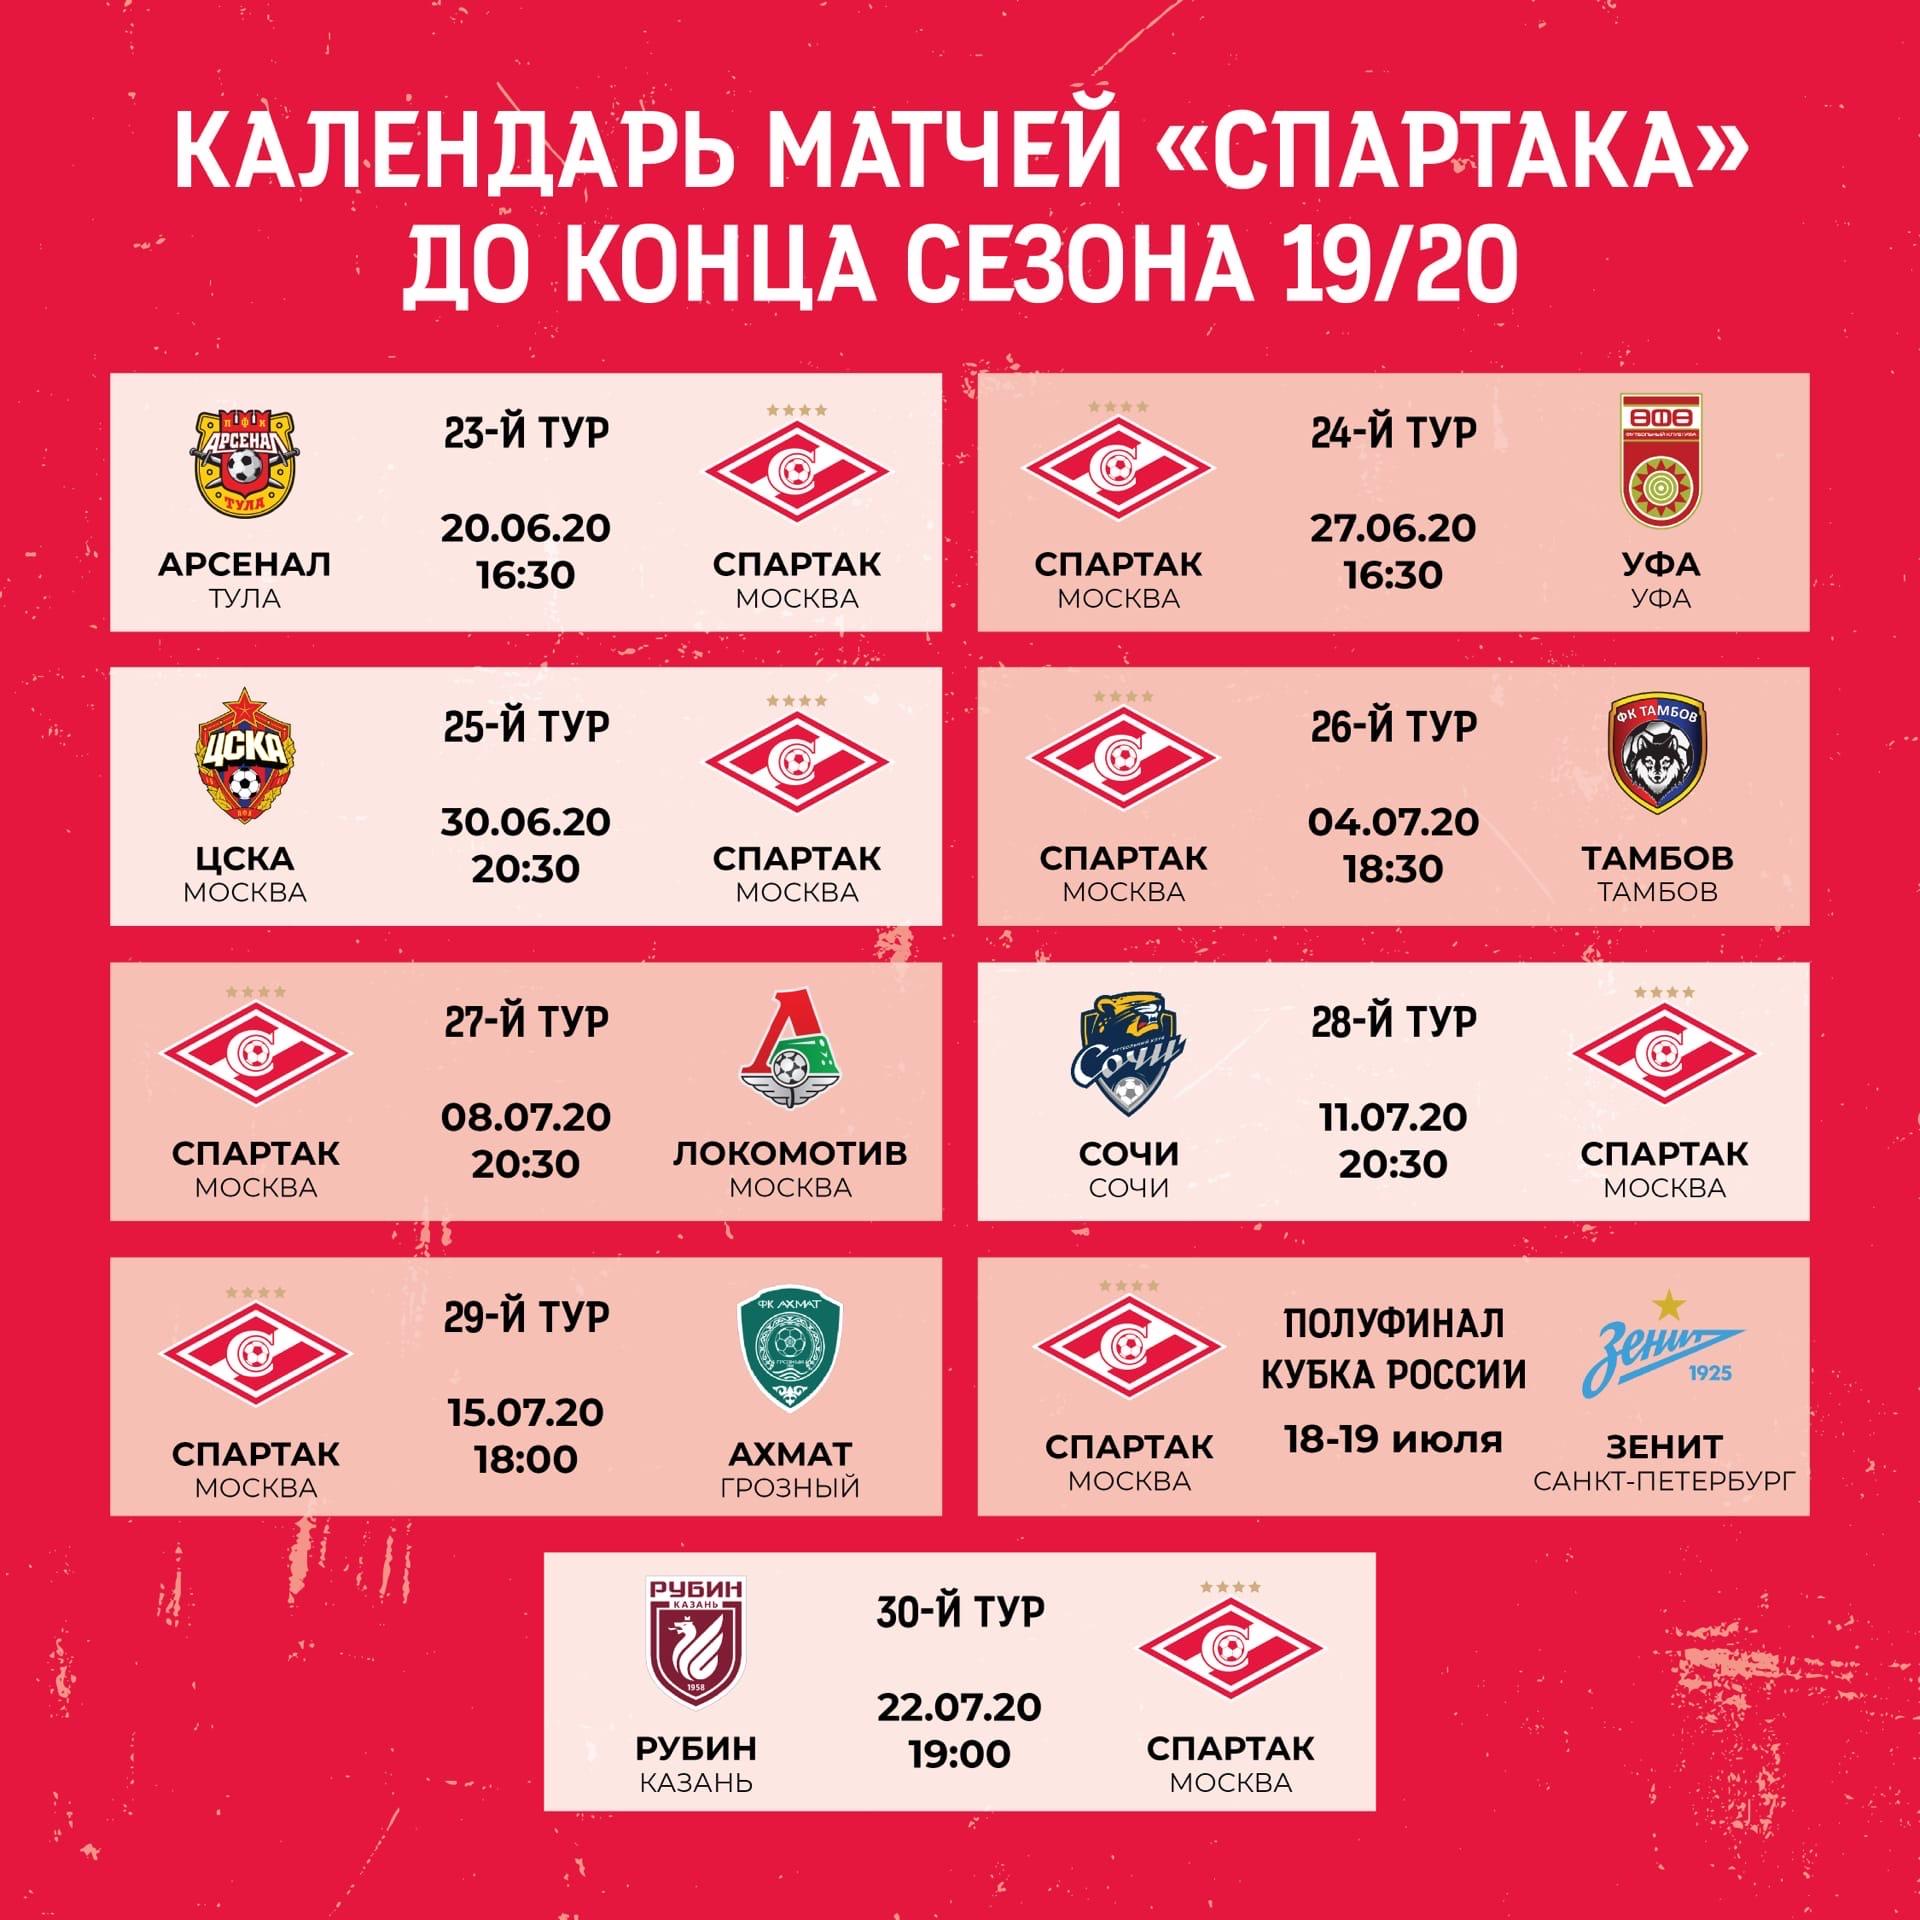 Расписание матчей «Спартака» до конца сезона 2019/20